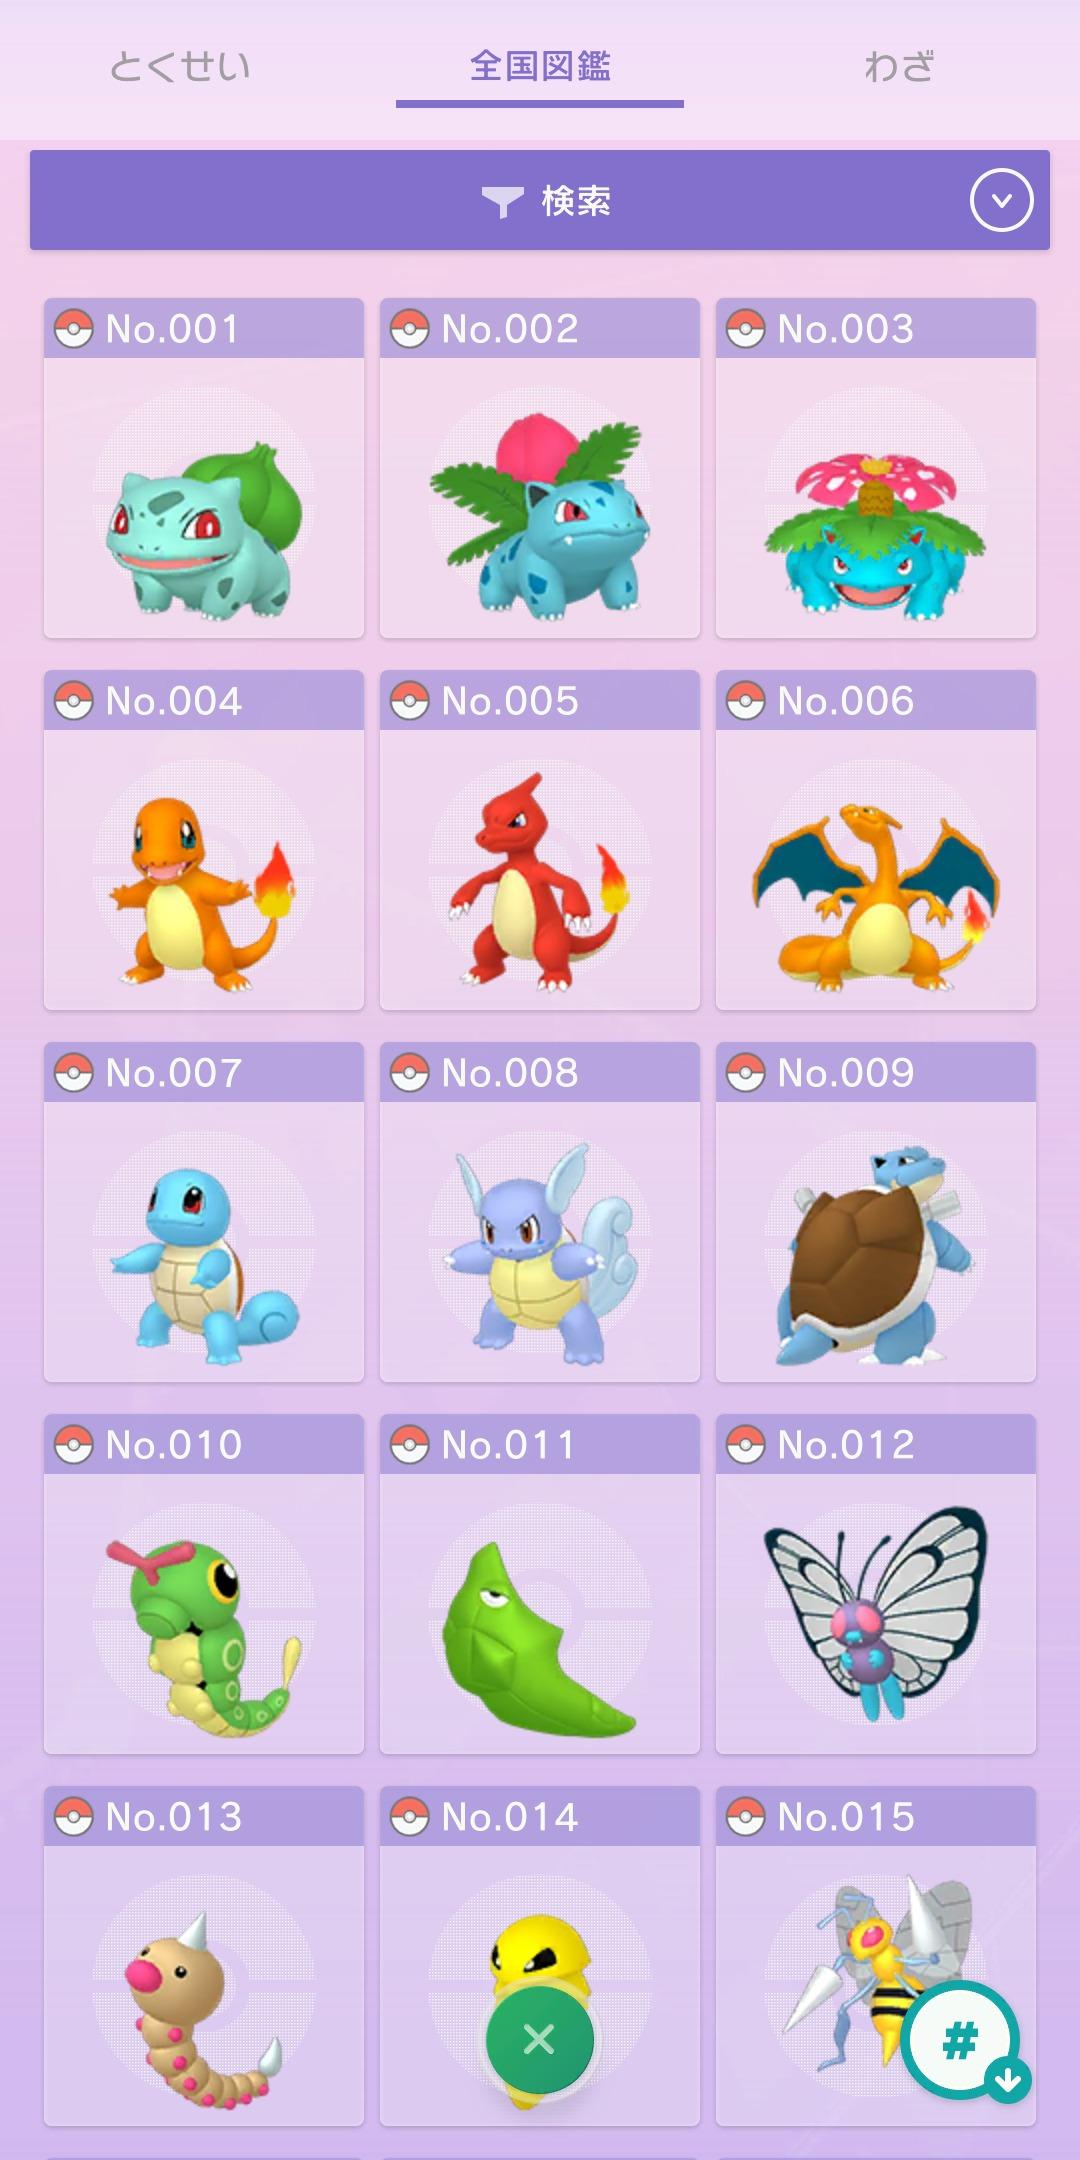 スマホ版 ポケモン図鑑 (C)2020 Pokémon. (C)1995-2020 Nintendo/Creatures Inc. /GAME FREAK inc.